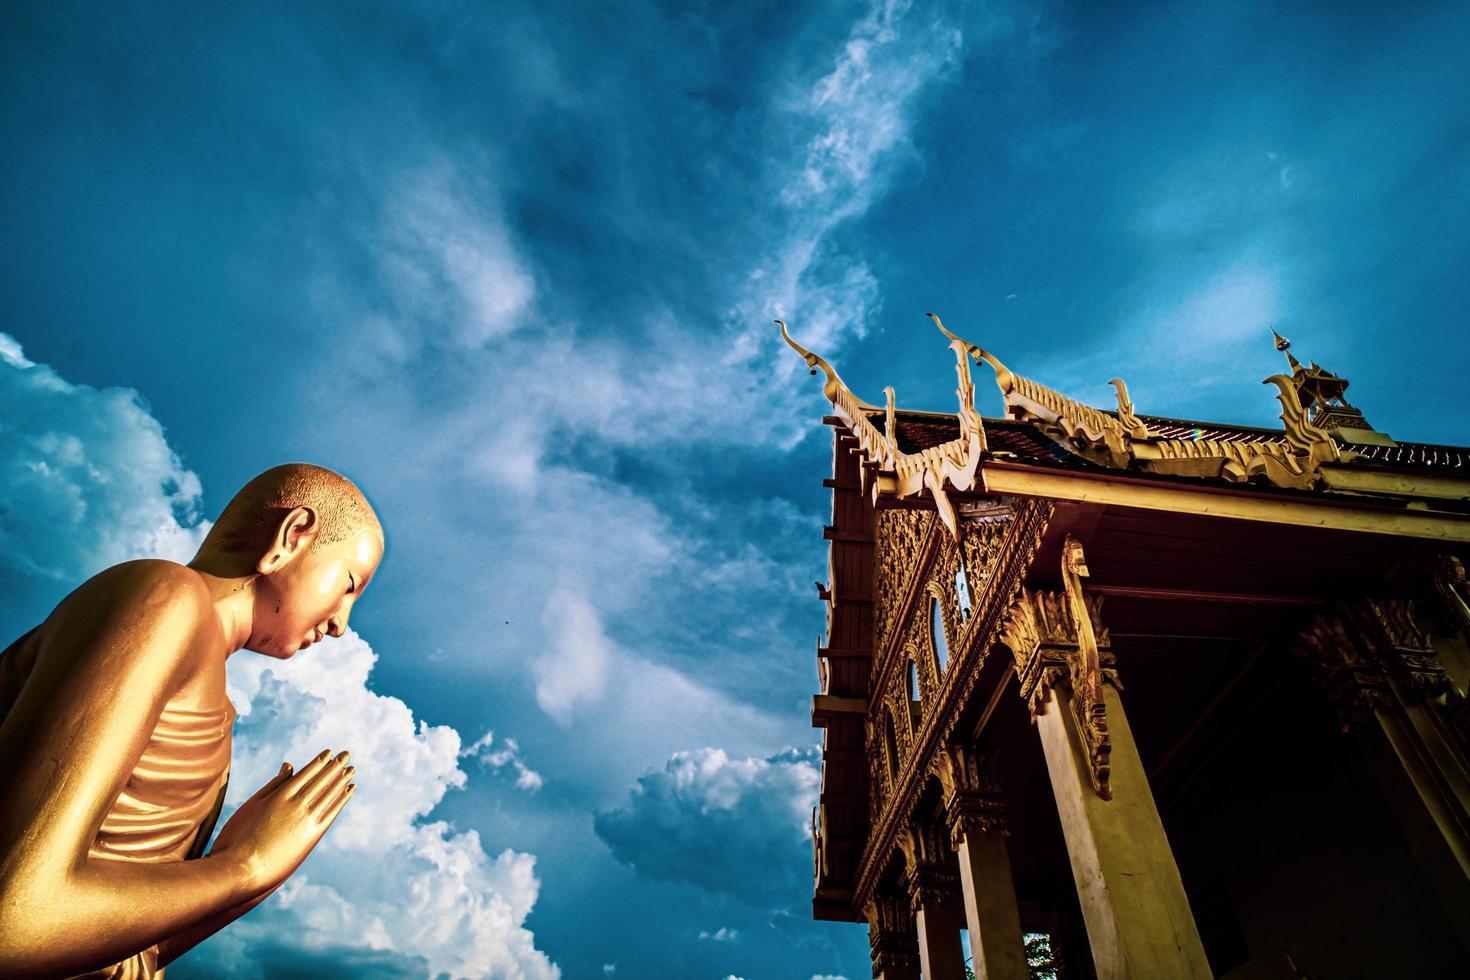 thailändskt tempel och gyllene munkstaty foto